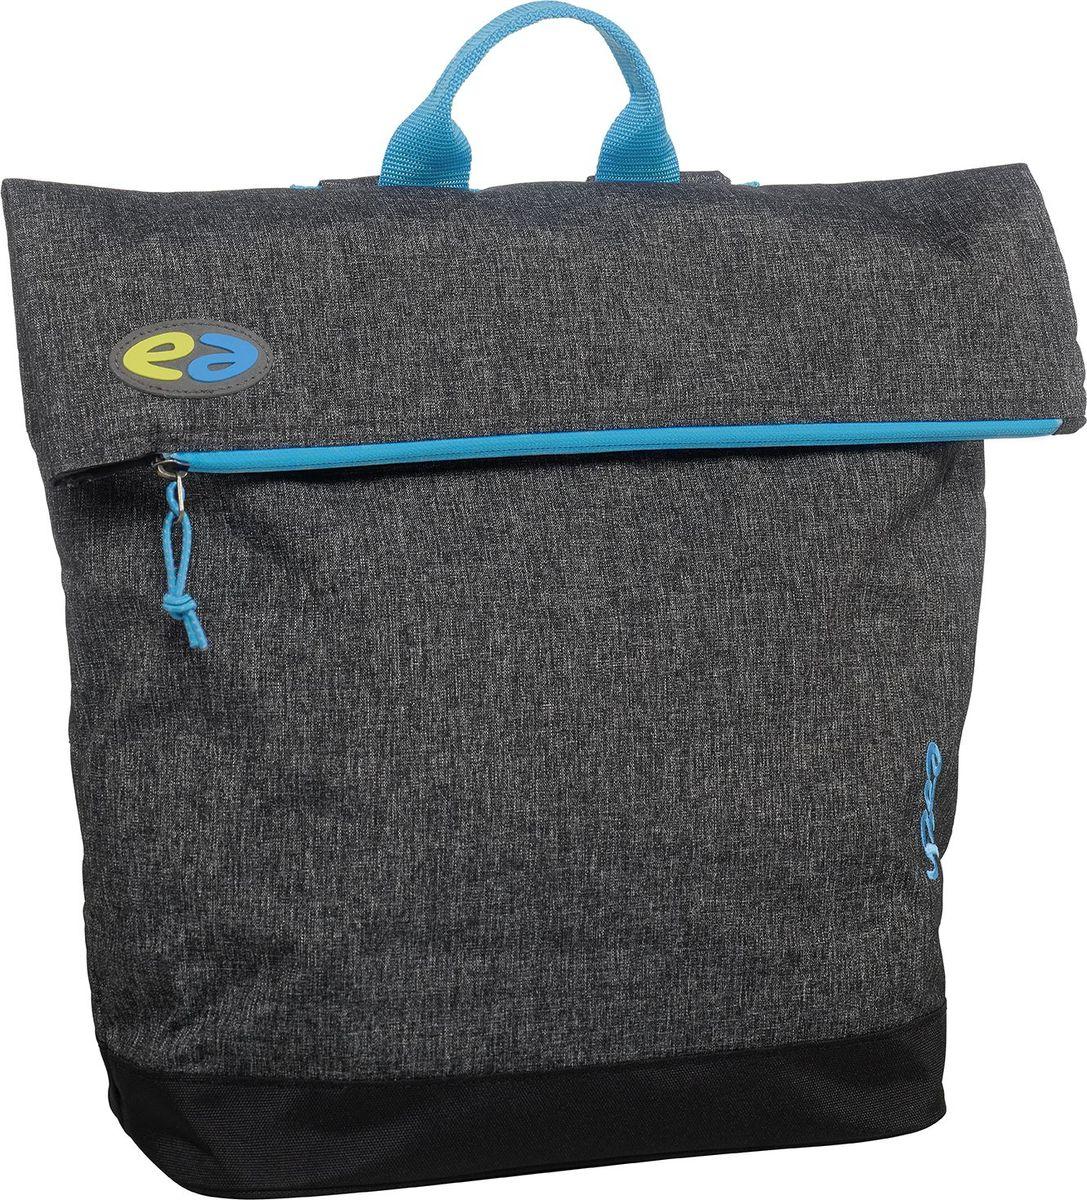 Thorka Рюкзак YZEA Courier Рок29010628067Рюкзак Thorka YZEA Courier имеет одно основное отделение. В удобном органайзере мелкие вещи всегда под рукой, имеется съемный карабин. Фиксированная короткая ручка обеспечивает удобный перенос рюкзака не только на спине, но и в руках.Этот рюкзак можно использовать для повседневных прогулок, учебы, отдыха и спорта, а также как элемент вашего имиджа.